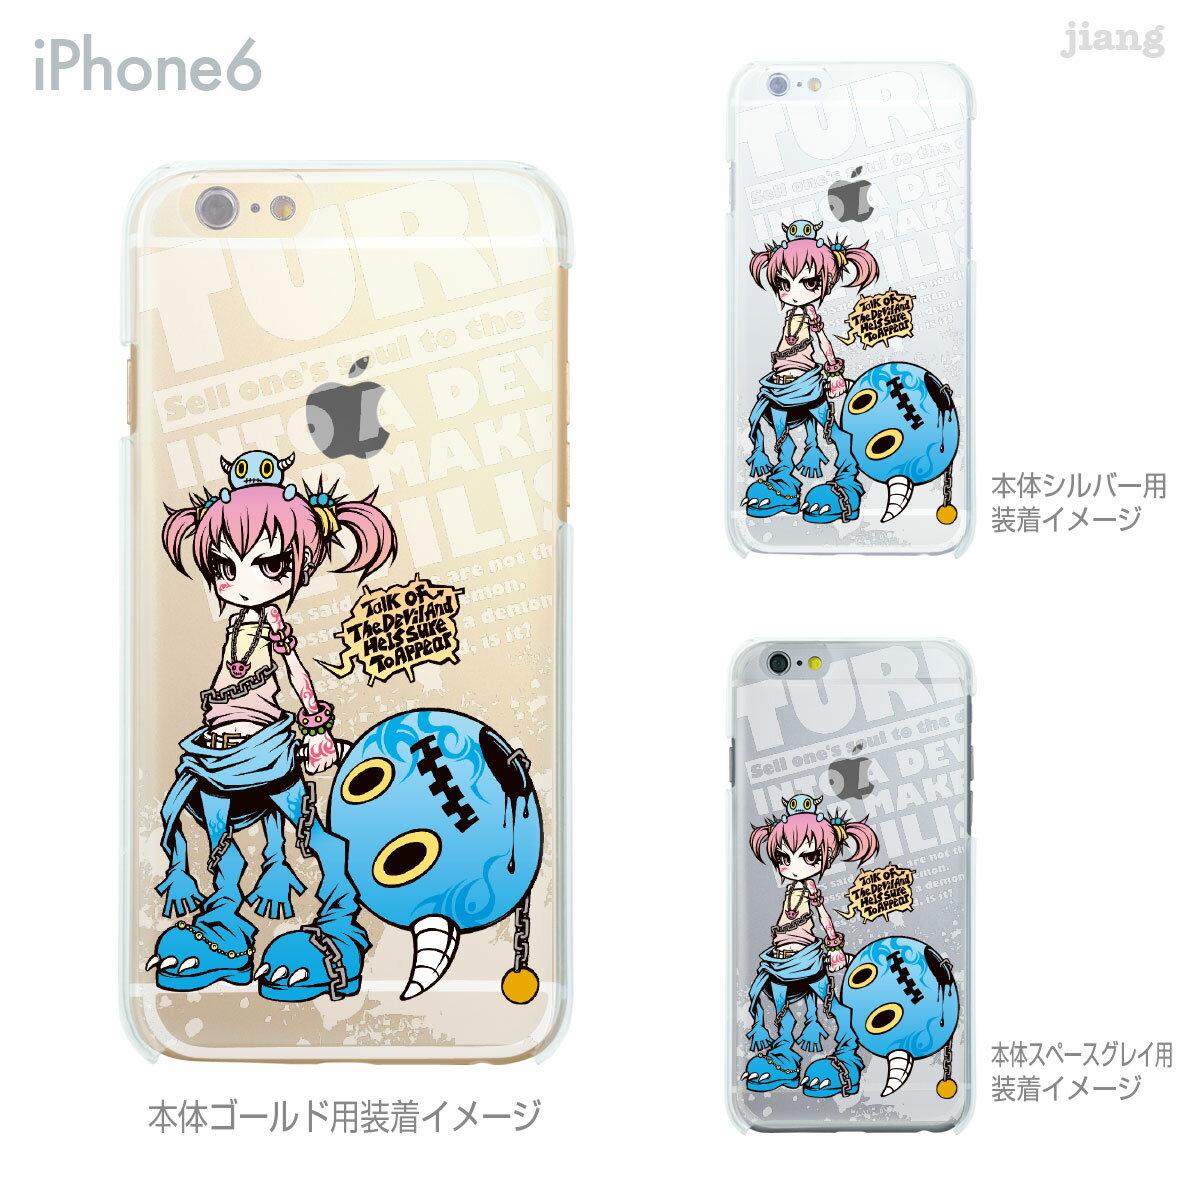 iPhoneX iPhone X ケース iPhone8 iPhone7ケース iPhone7 Plus iPhone6s iPhone6 Plus iphone ハードケース Clear Arts ケース カバー スマホケース クリアケース Project.C.K. ZOMBIE 11-ip6-ca0004-s